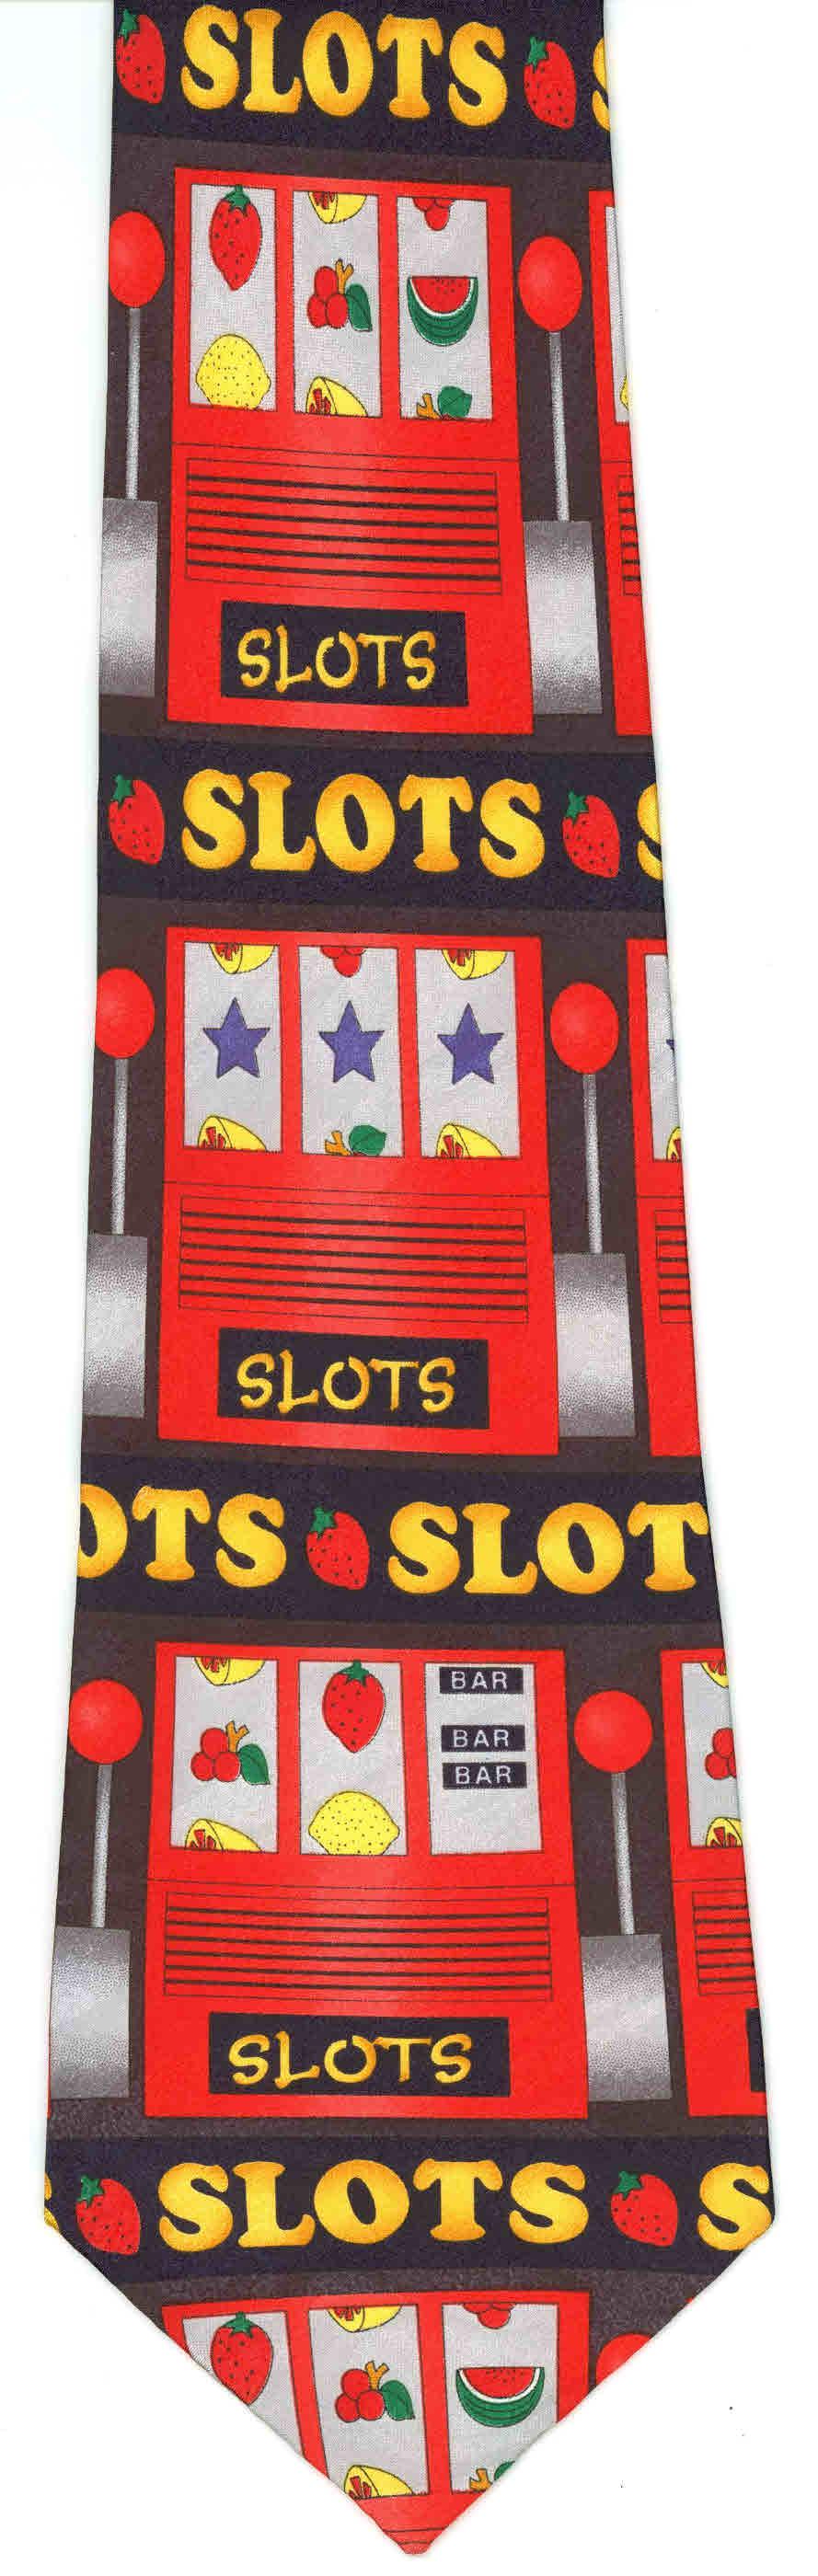 116 Slots.jpg